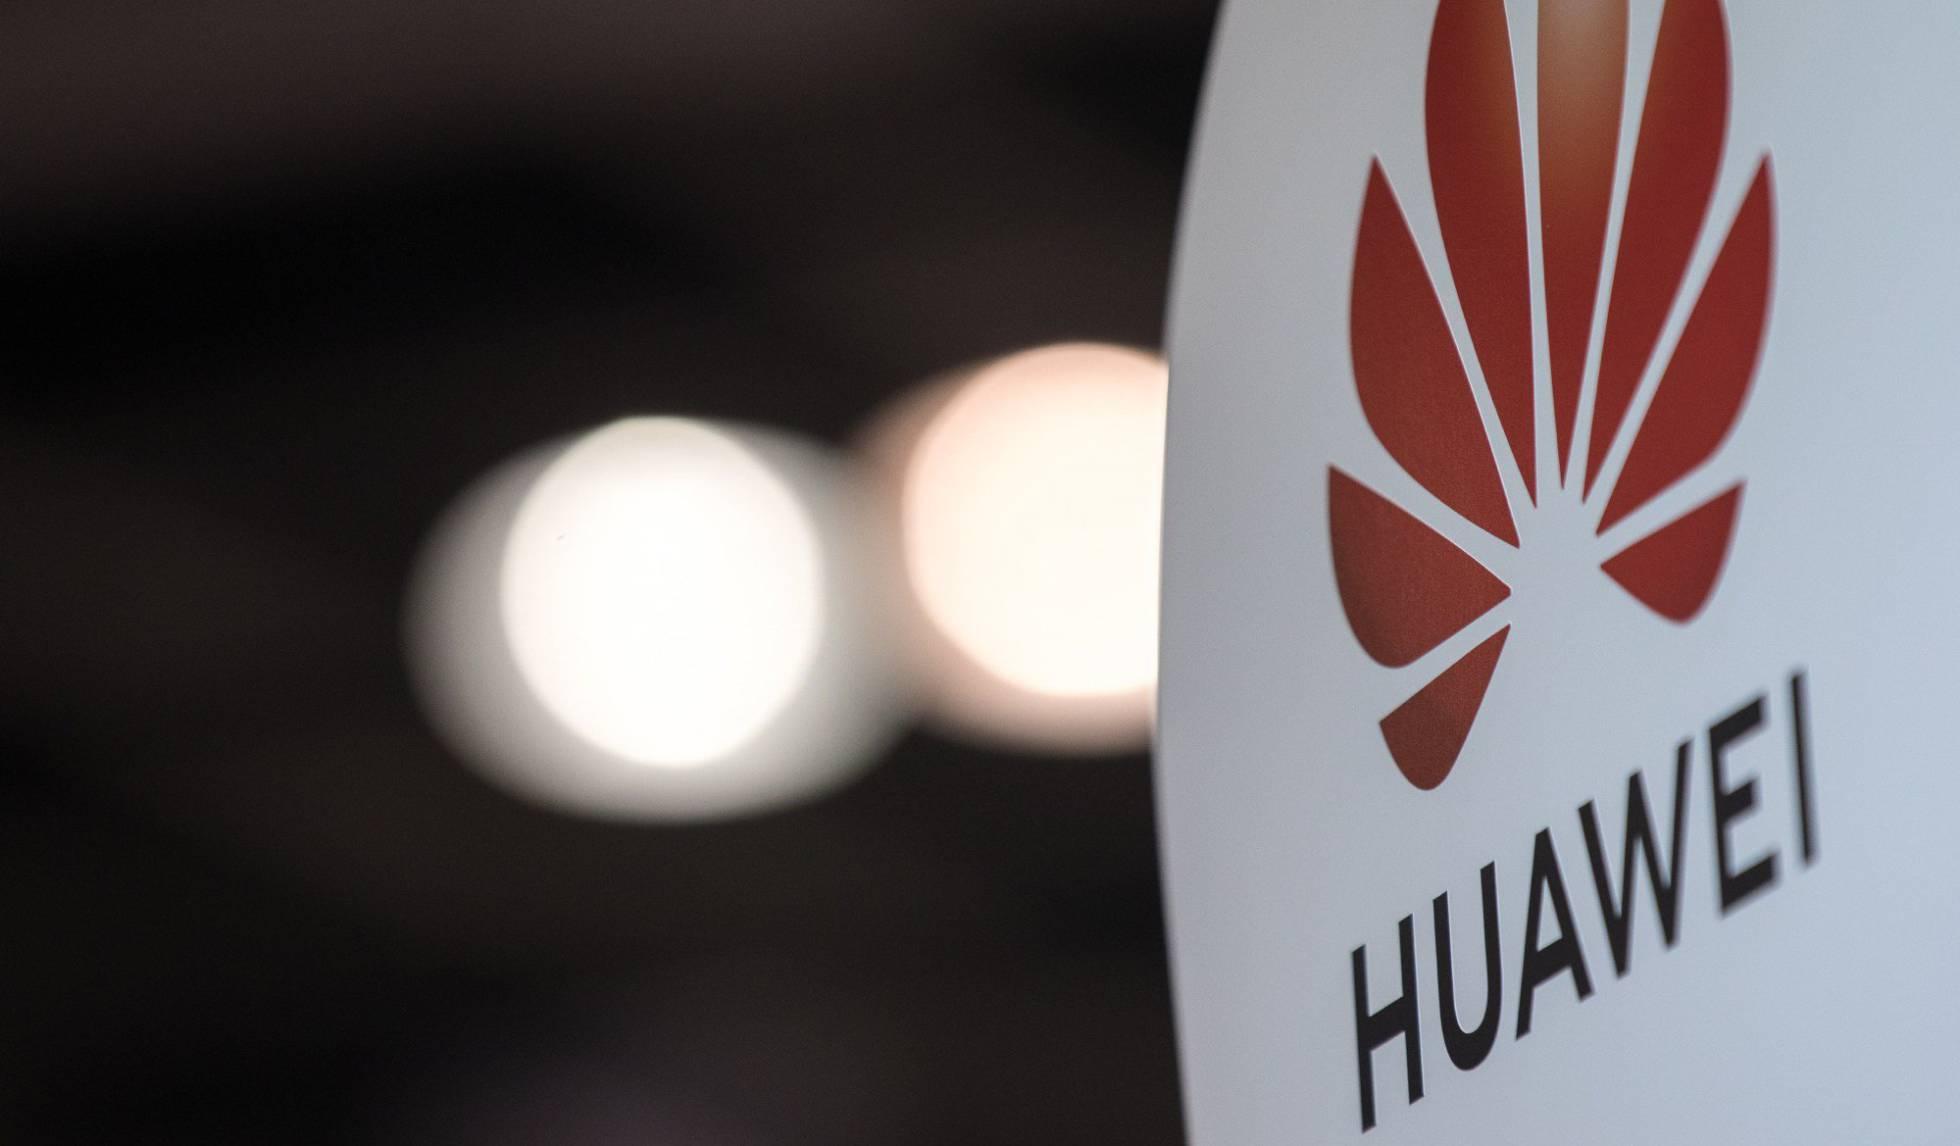 EE.UU. vuelve a prolongar aplicación de sanciones contra Huawei